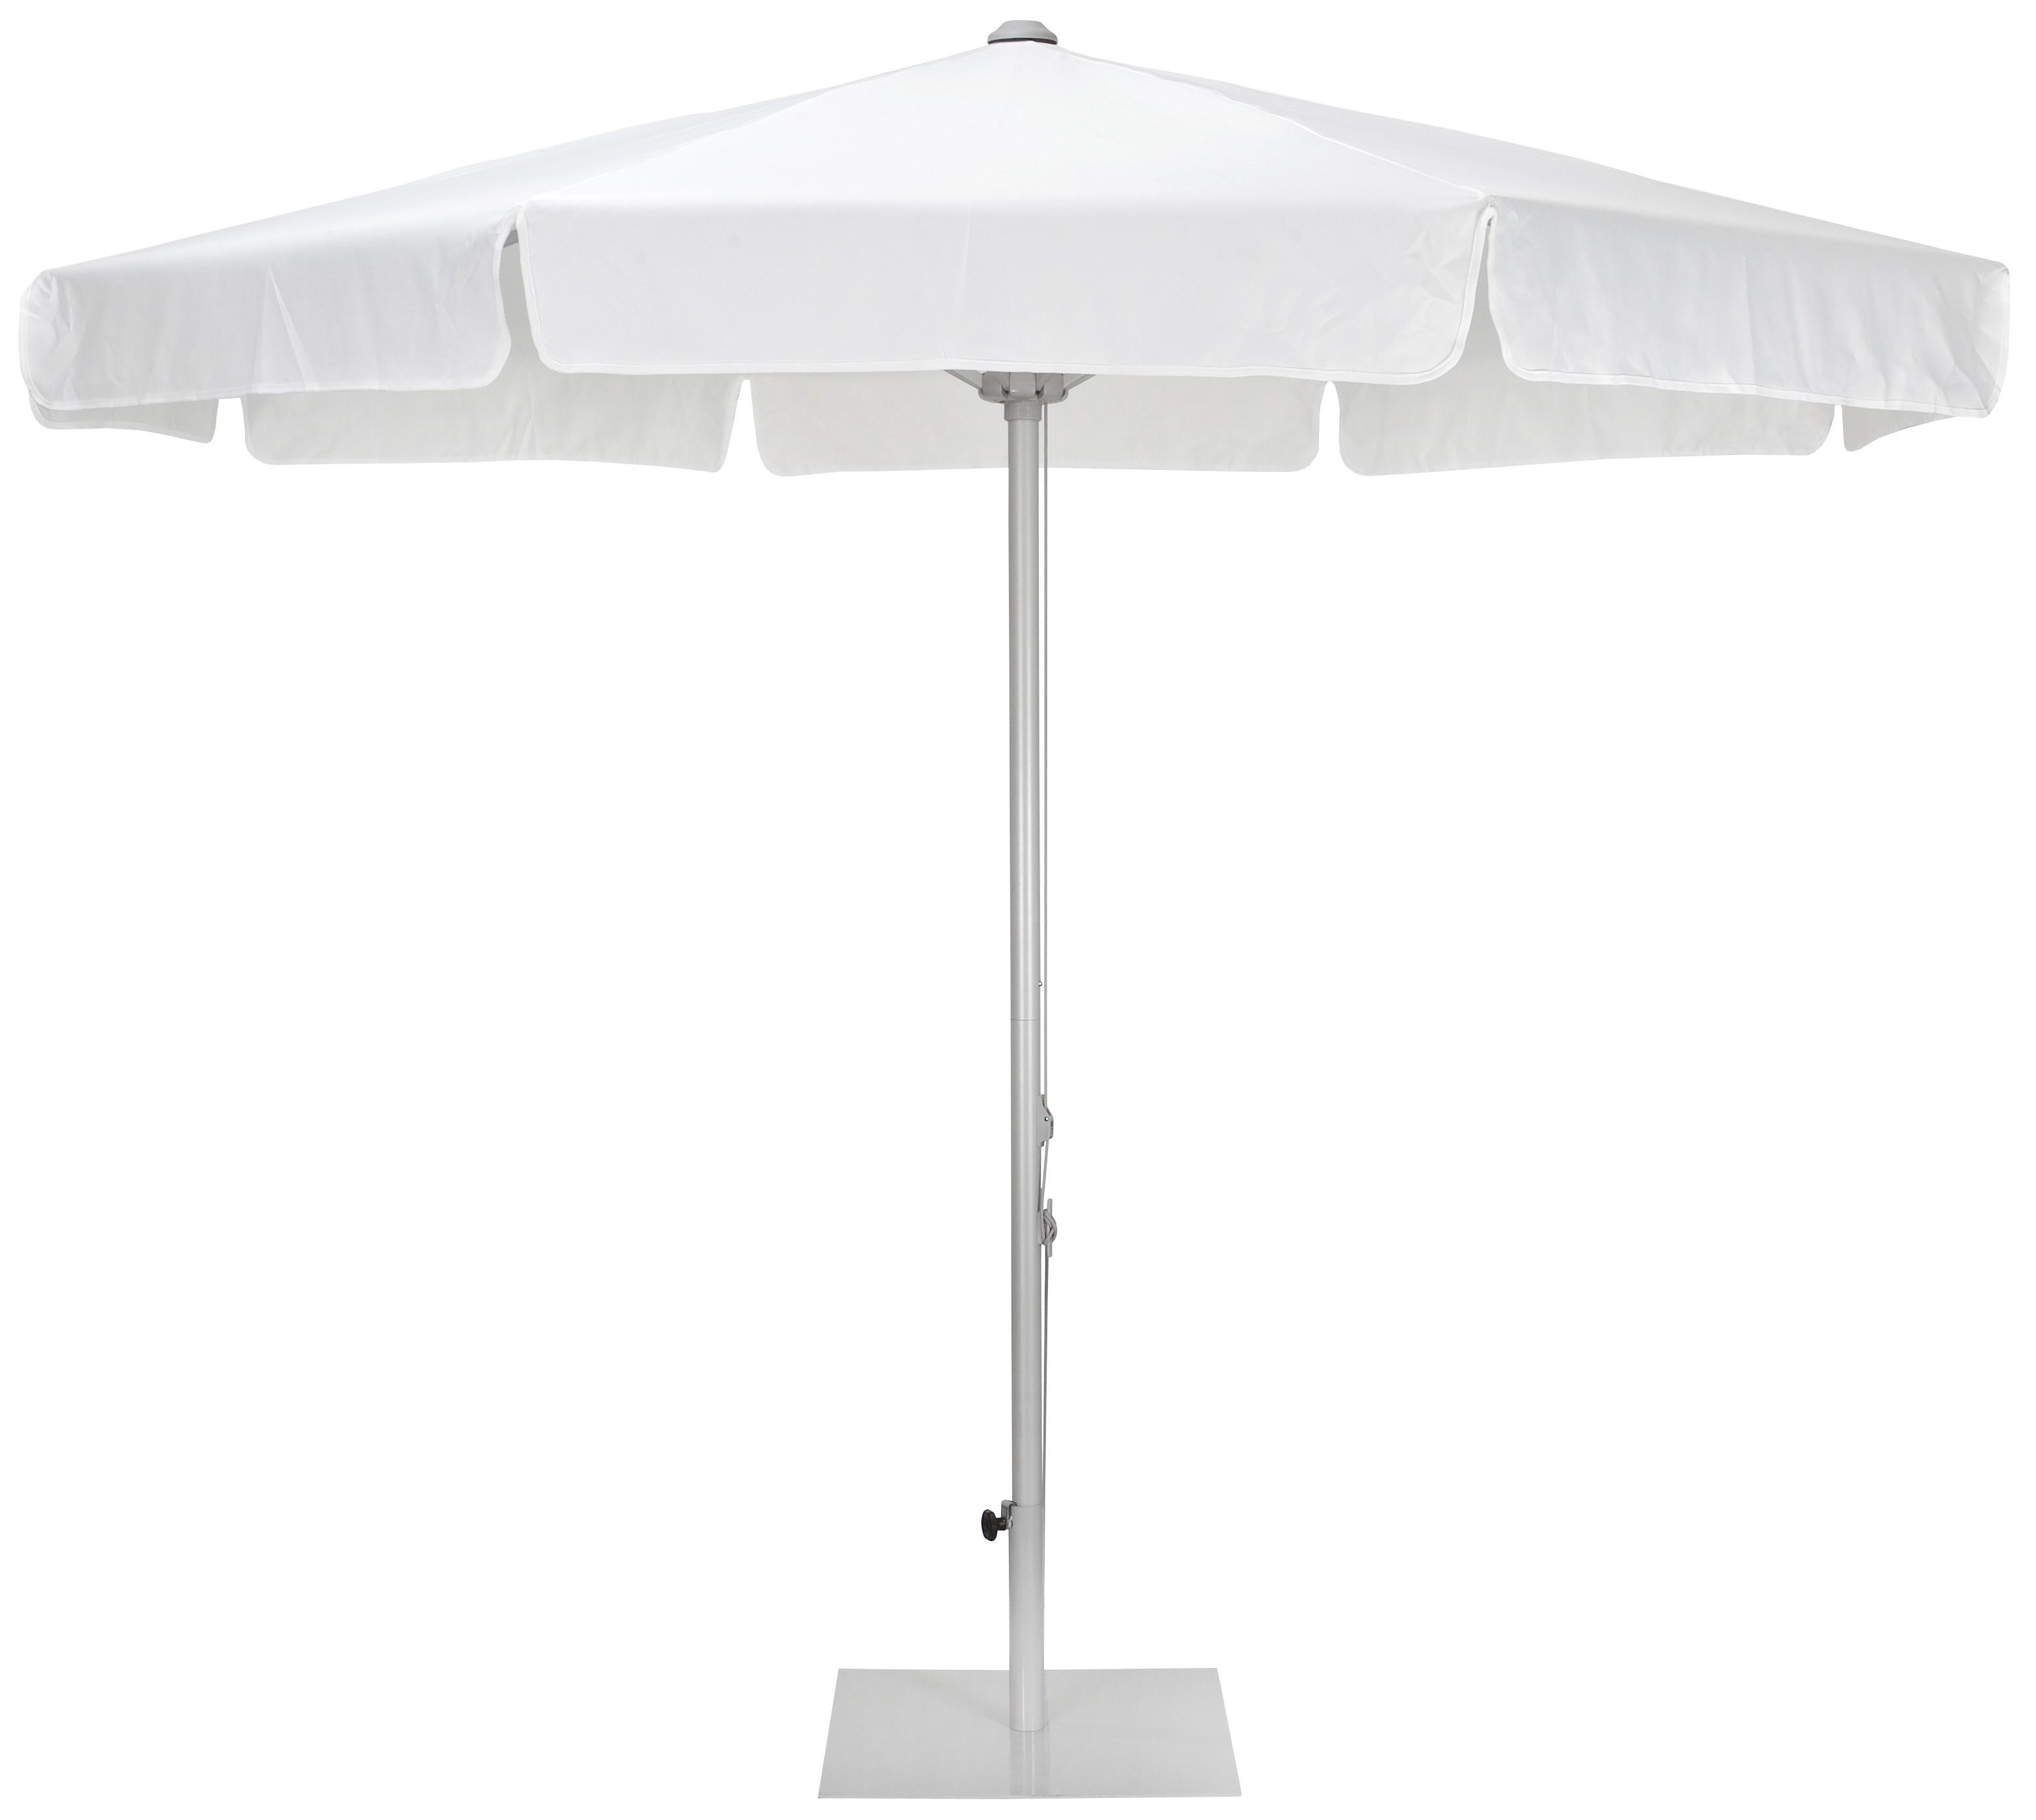 Parasol Ezpeleta Redondos Grey 1 Grises white Olefin 3